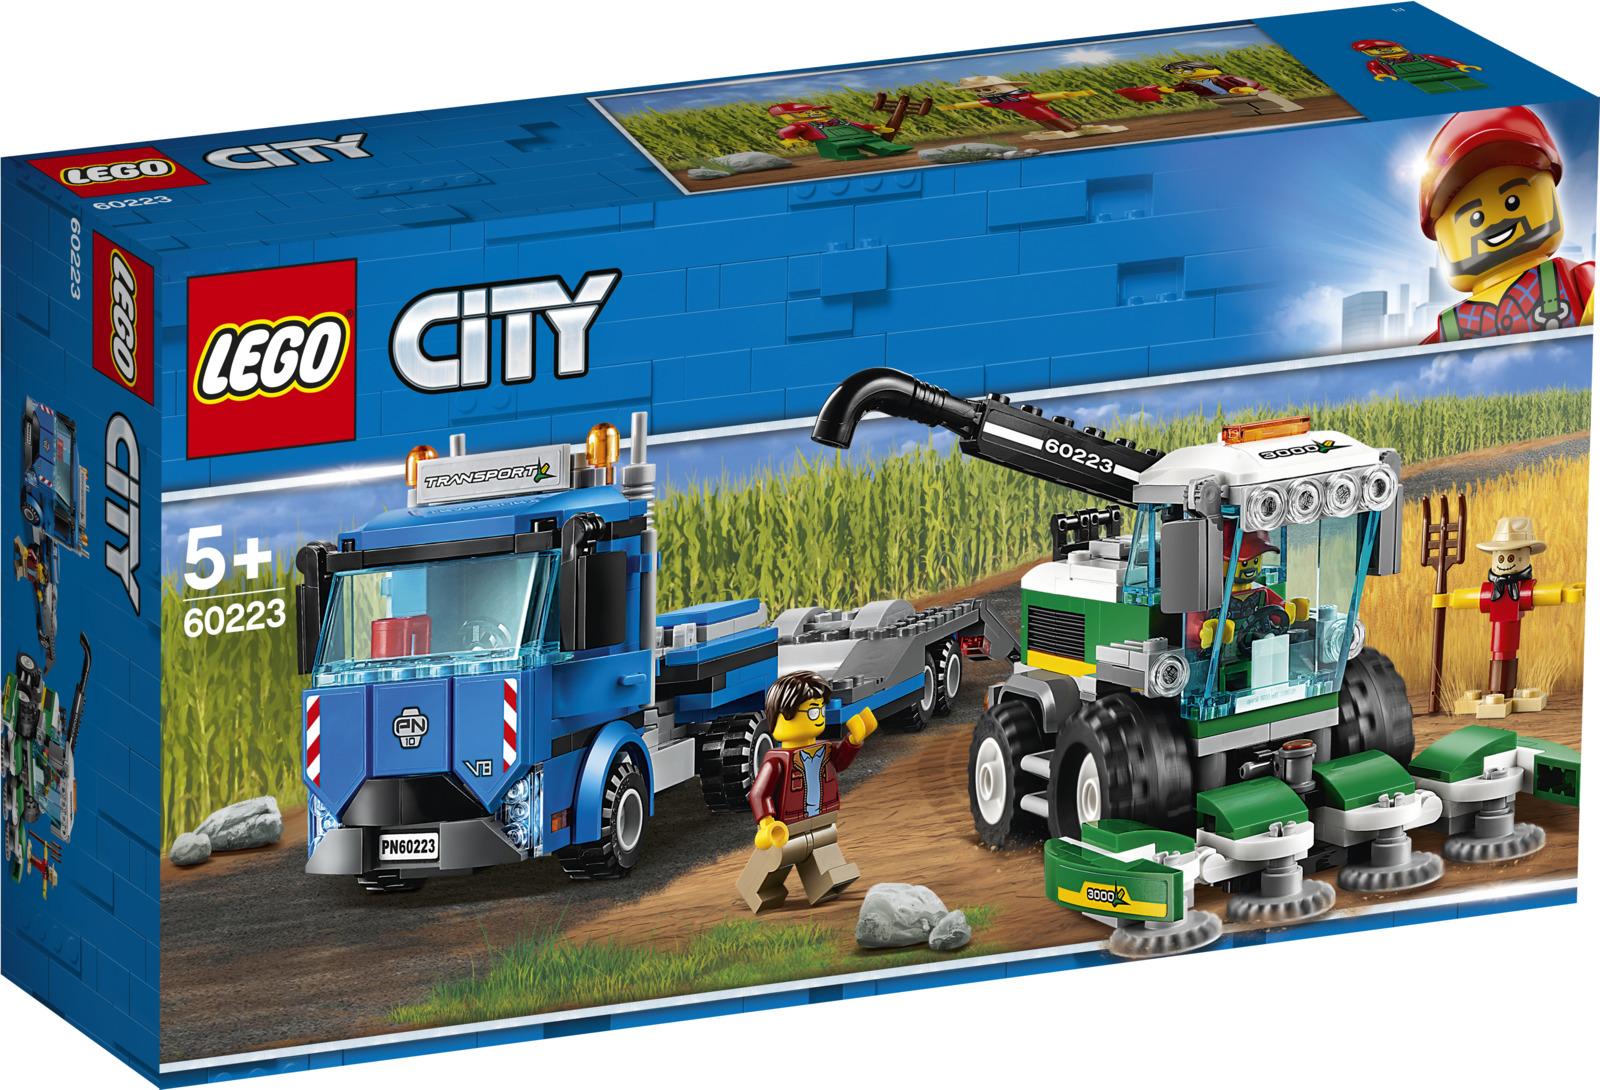 LEGO City Great Vehicles 60223 Транспортировщик для комбайнов Конструктор